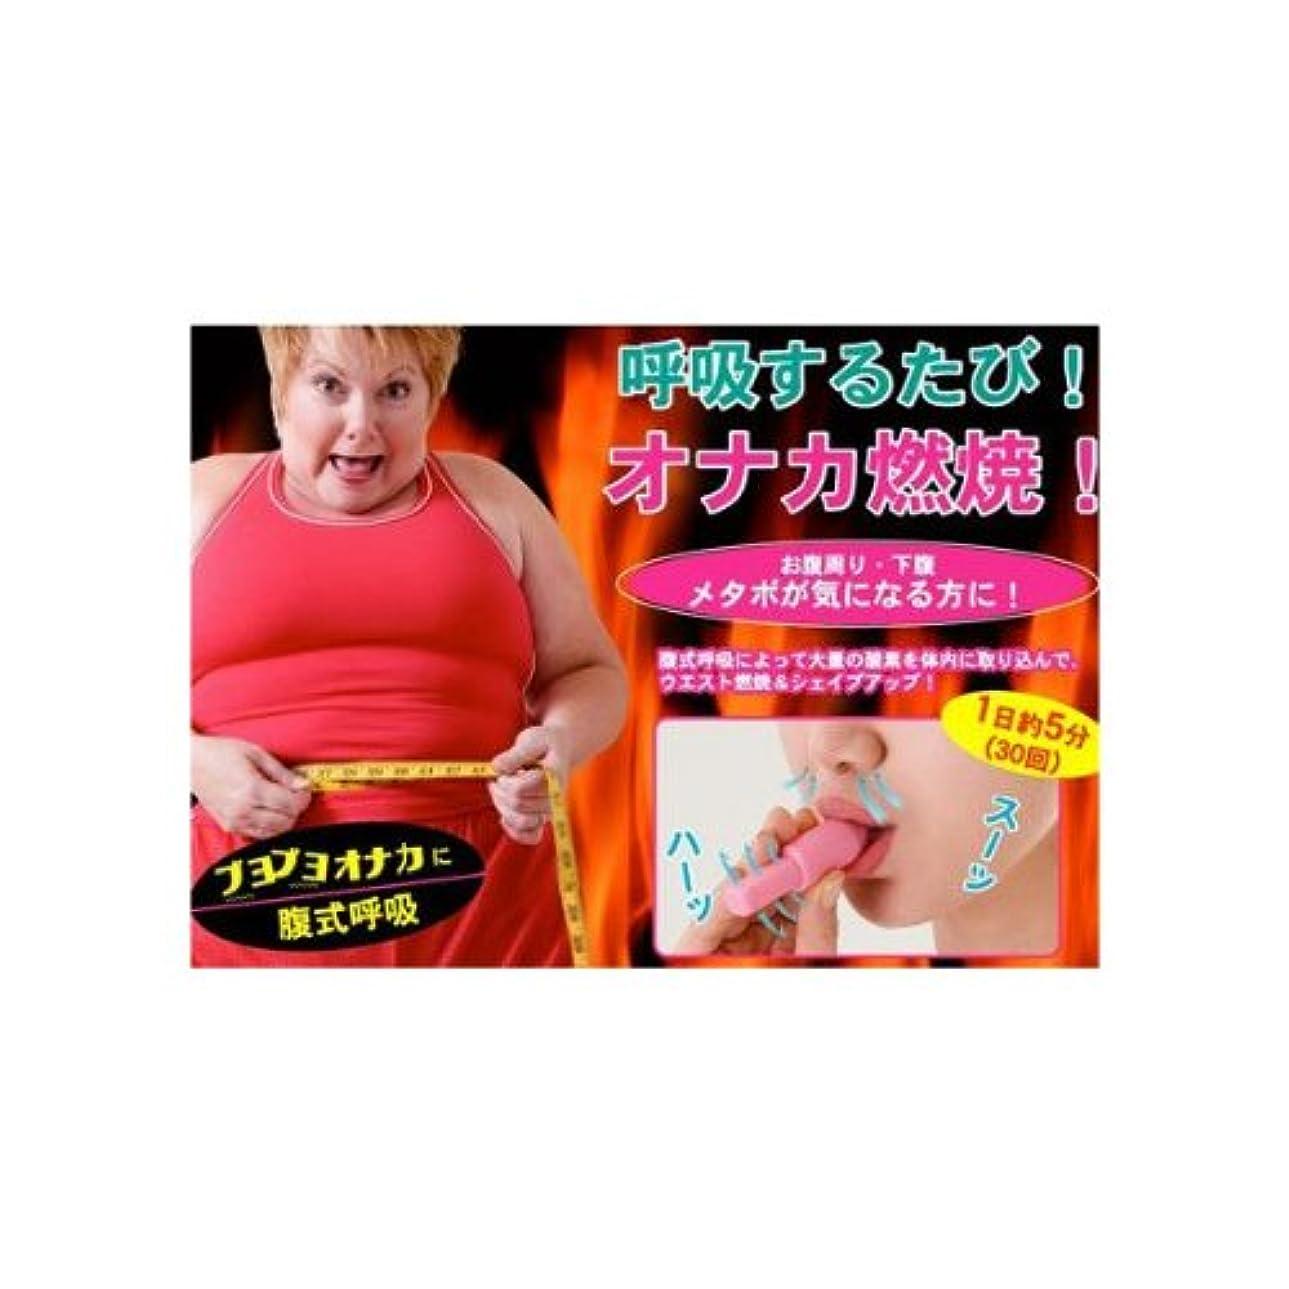 ブランドアーティストラジウム腹式呼吸によってウエスト&エクササイズ!腹式呼吸ダイエット『カロリーブレス』